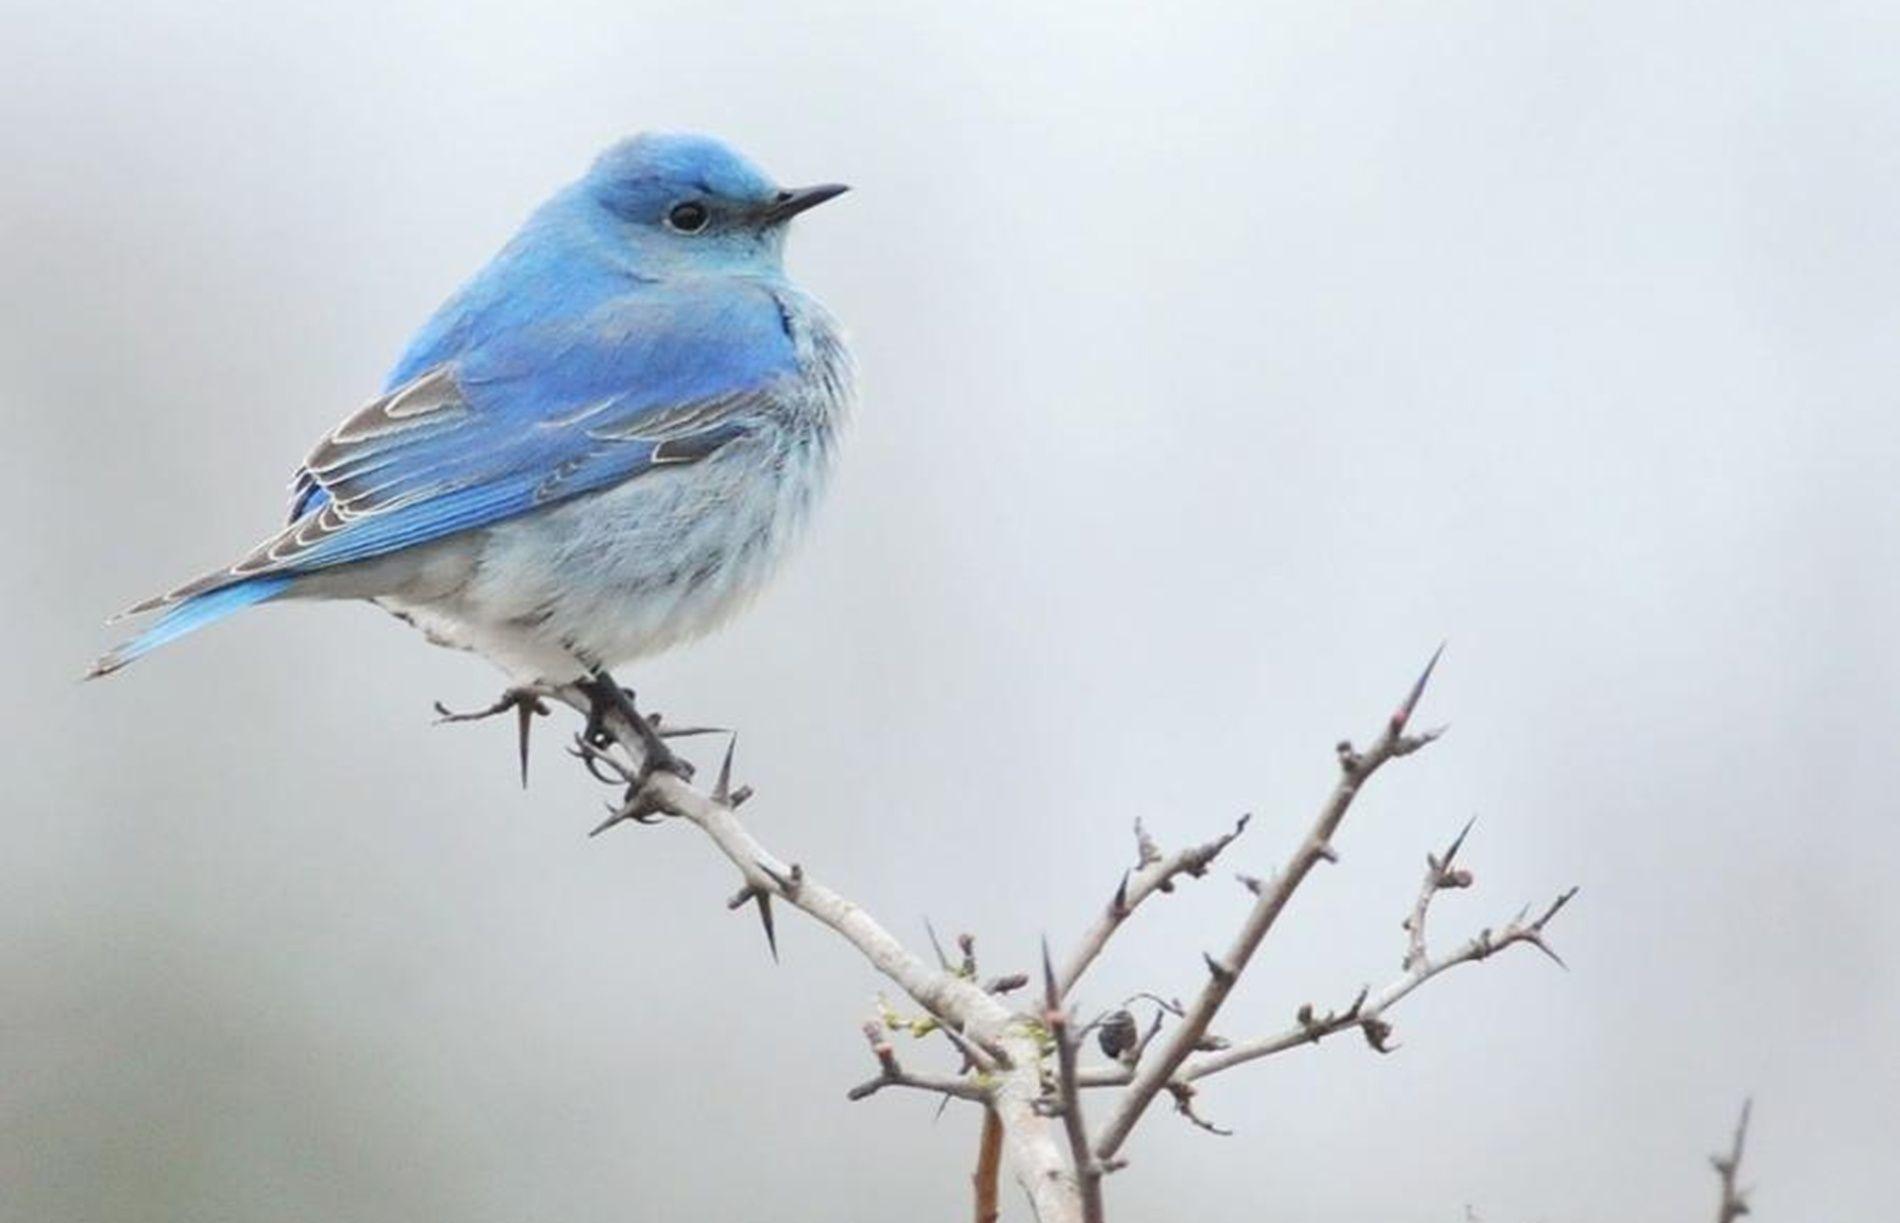 Blue Bird Wallpapers 1900x1223